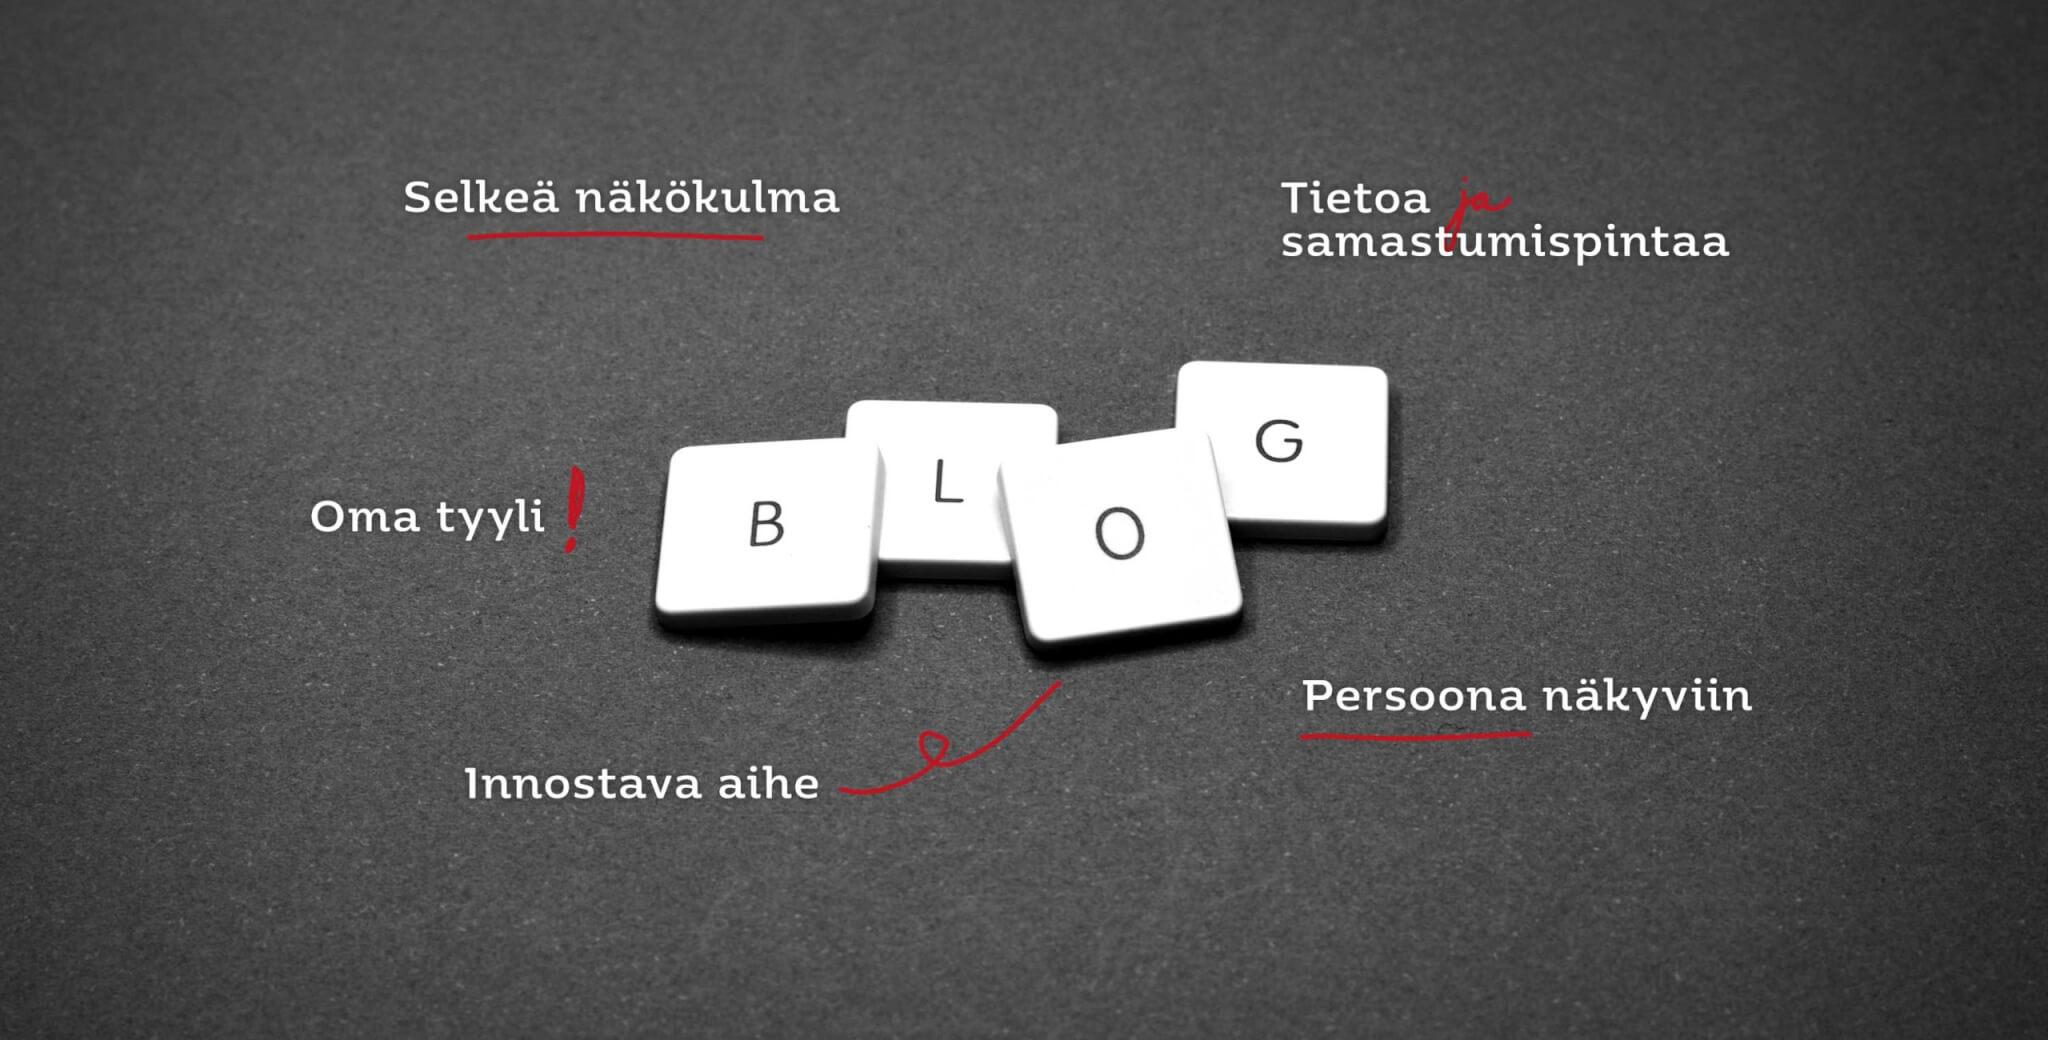 Design Inspis, hyvä blogiartikkeli, Veera Kiurujoki, kuvituskuva